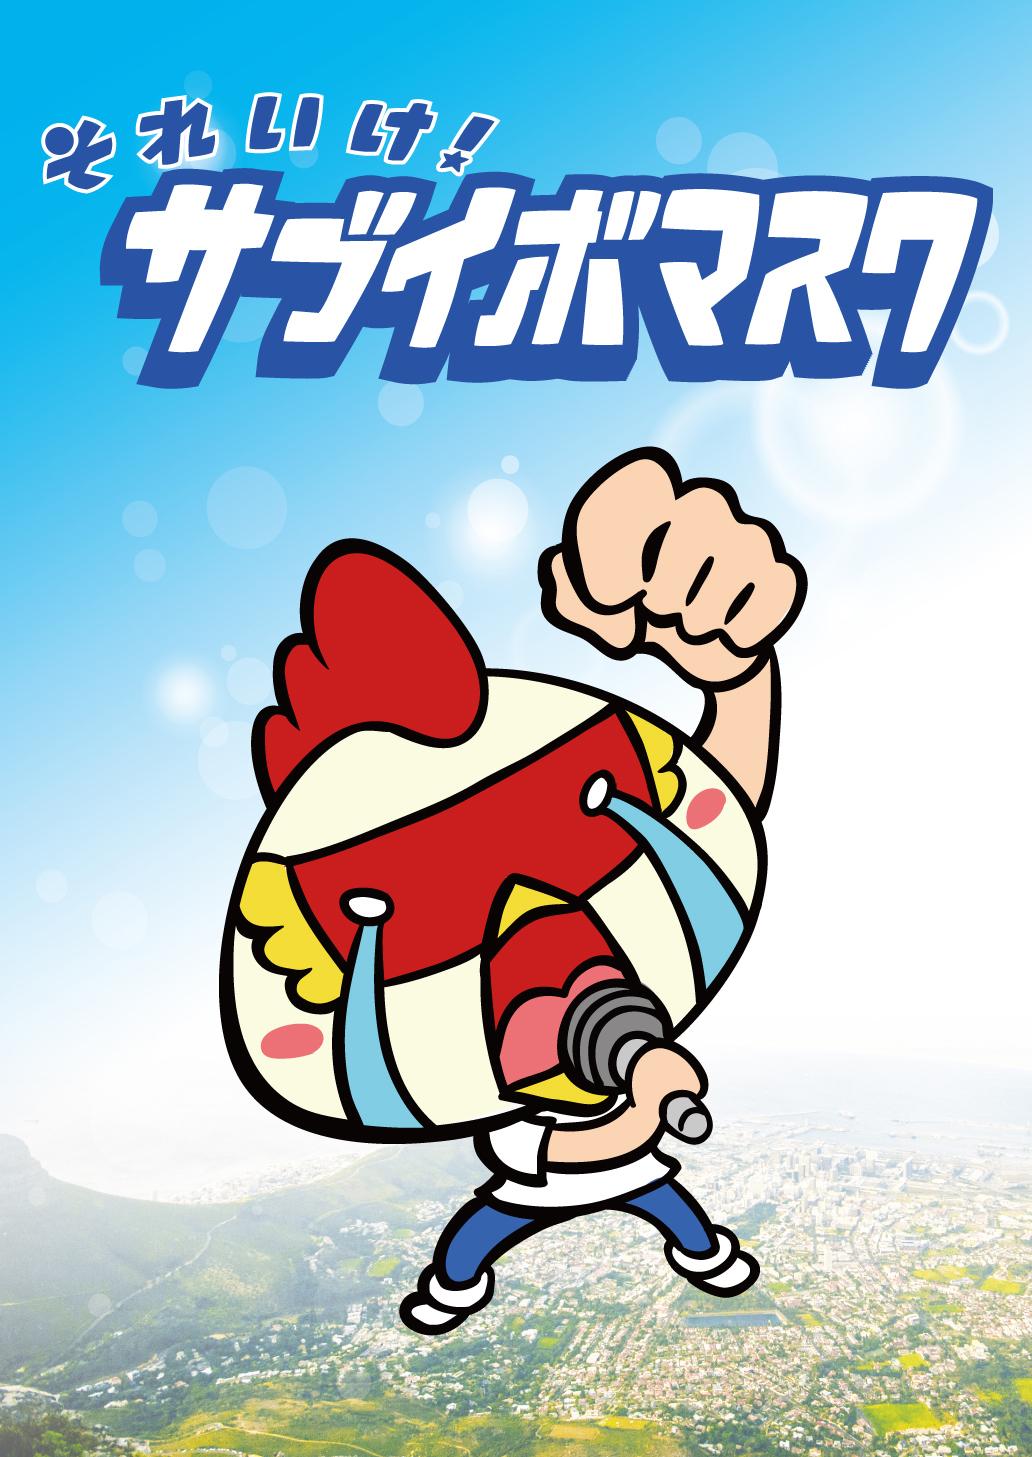 アニメ『それいけ!サブイボマスク』 ©サブイボマスク製作委員会